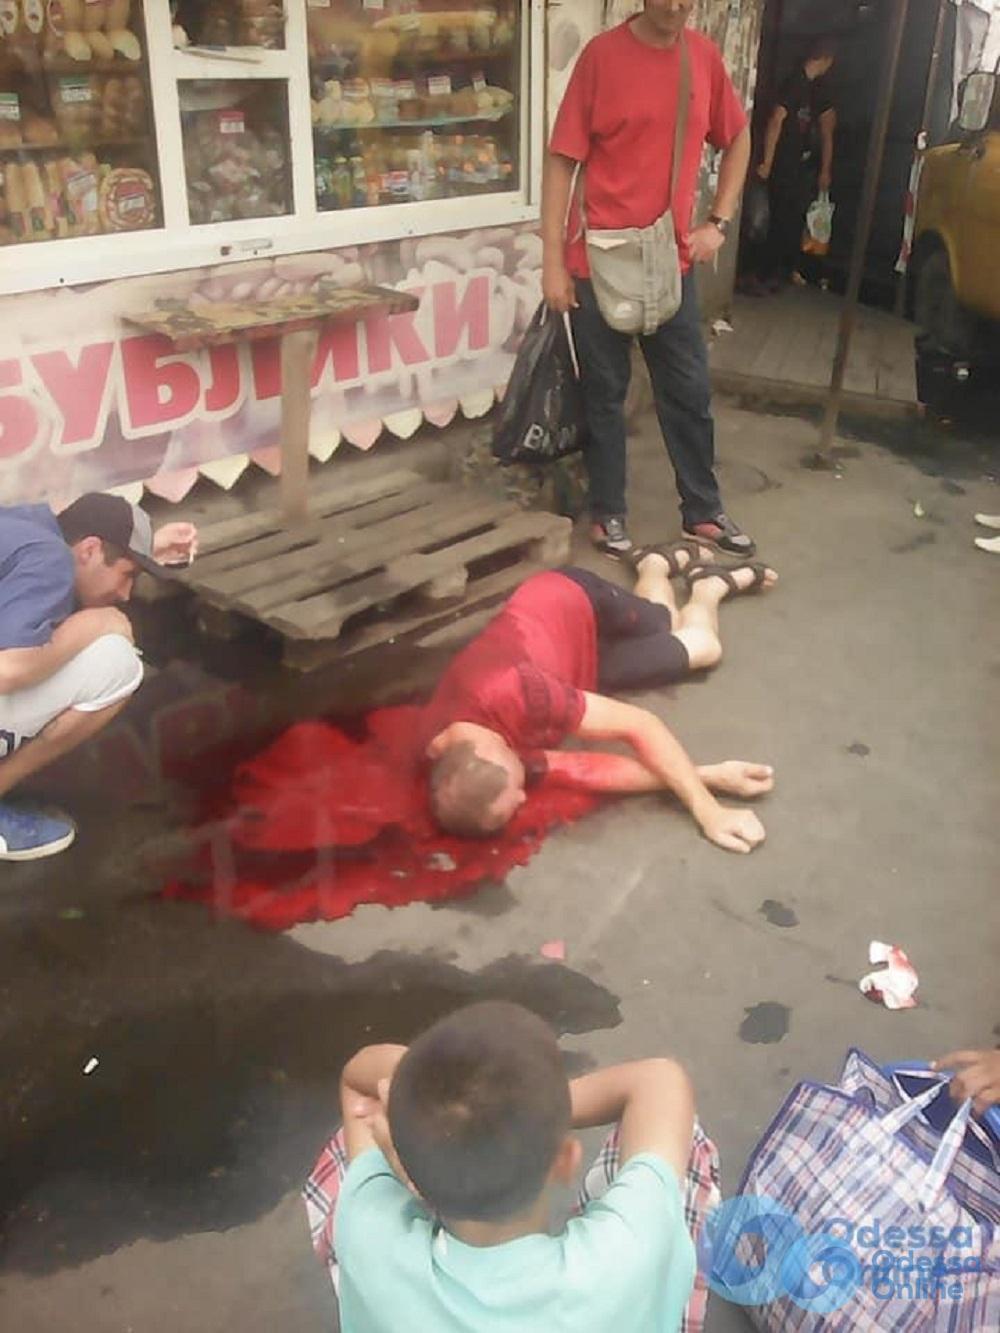 Истекал кровью: в полиции сообщили подробности драки на «Привозе»